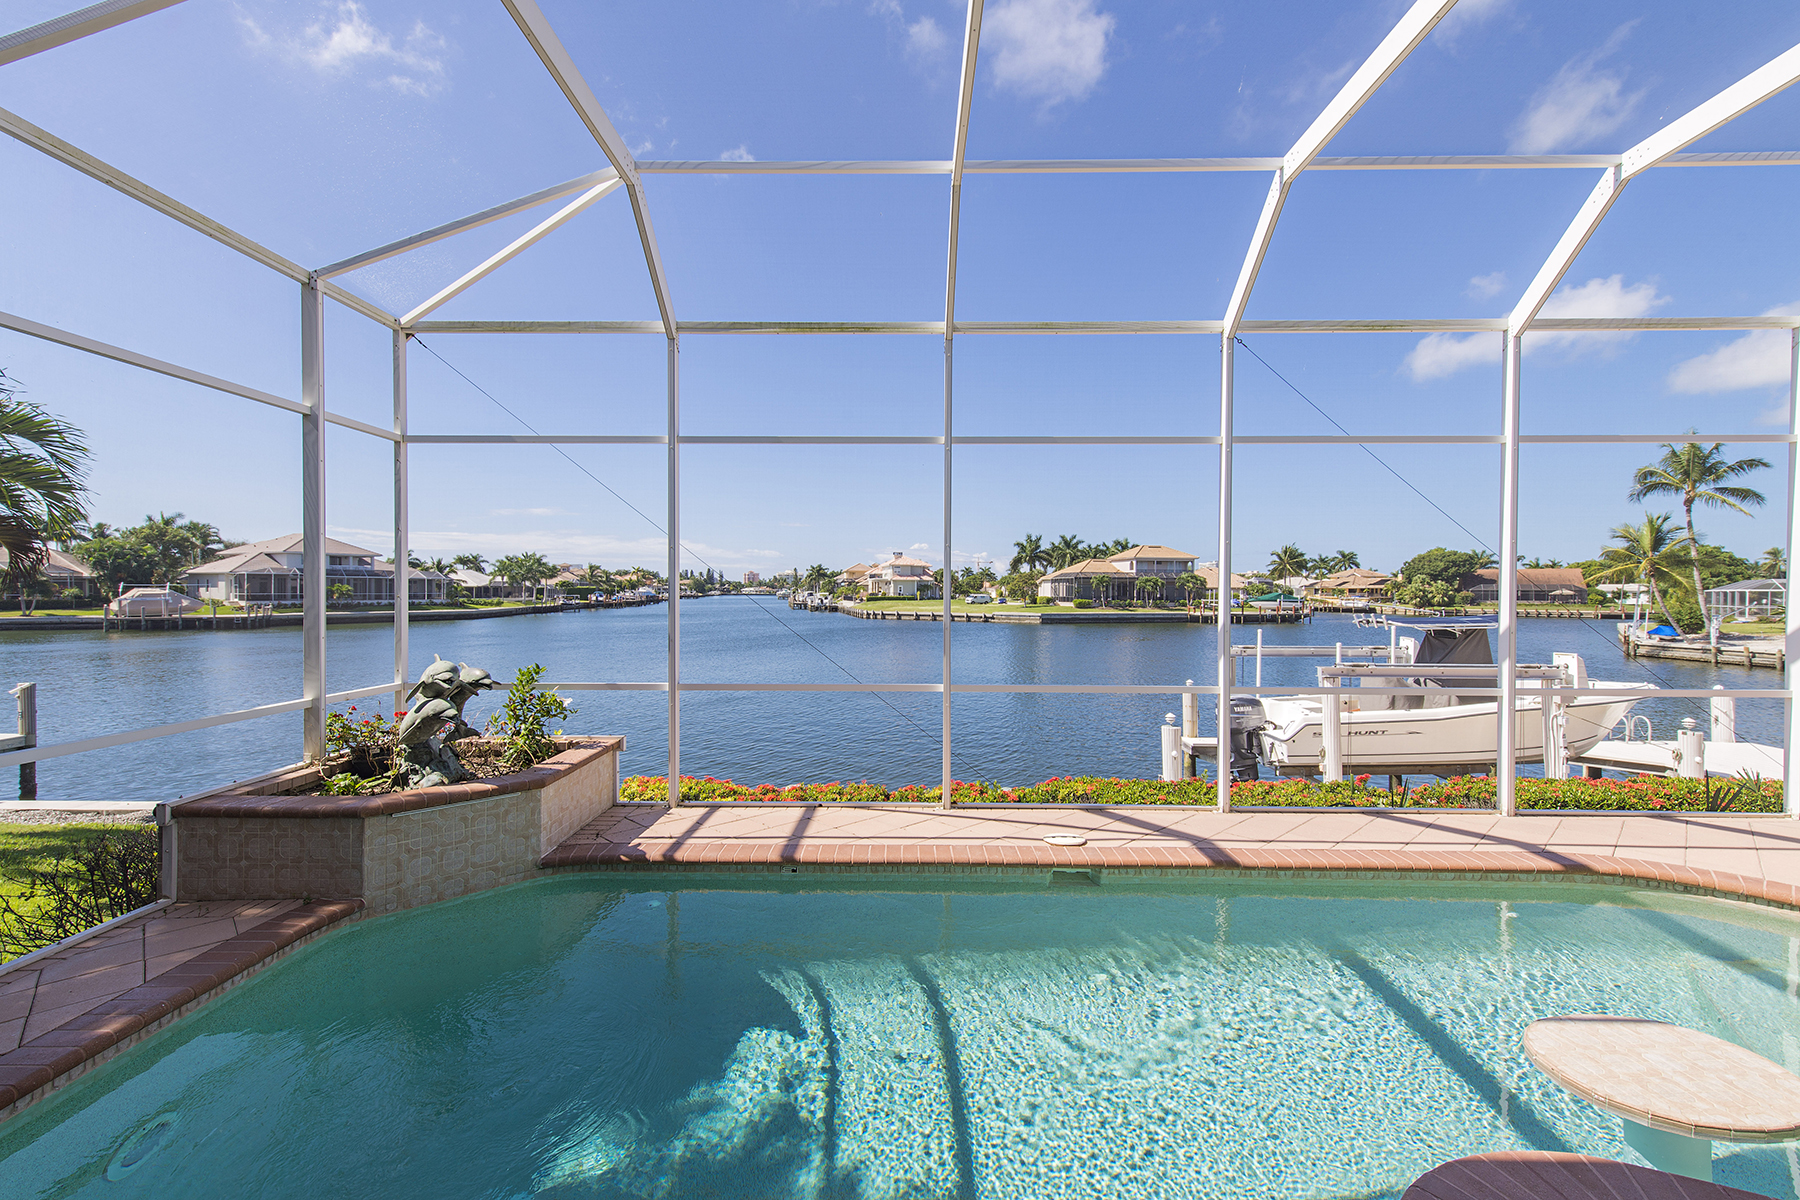 獨棟家庭住宅 為 出售 在 MARCO ISLAND - S HEATHWOOD DRIVE 440 S Heathwood Dr Marco Island, 佛羅里達州 34145 美國